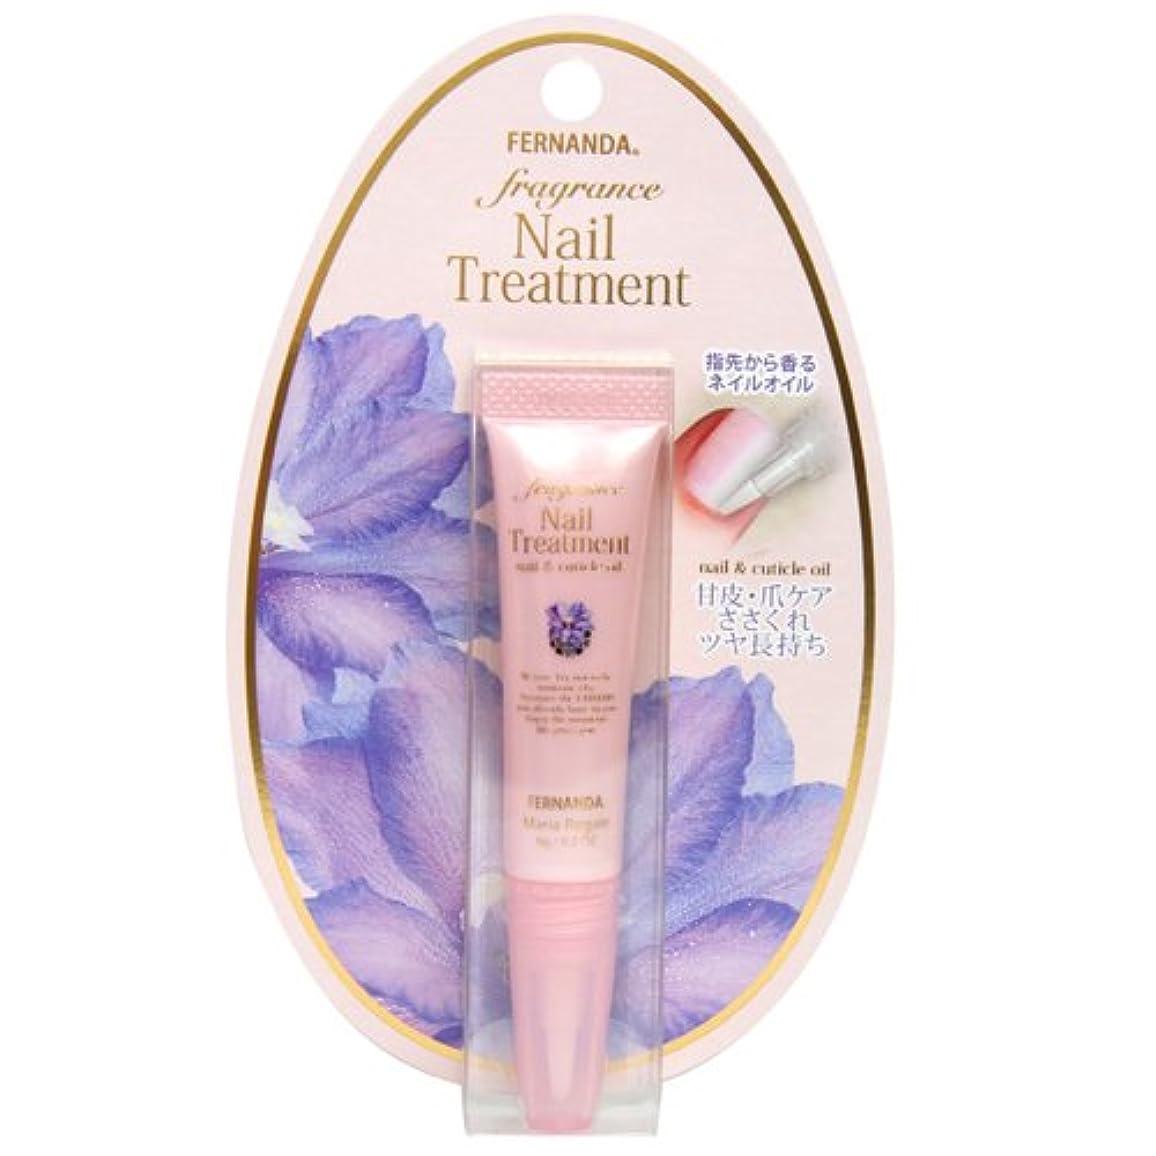 ブル苦い売り手FERNANDA(フェルナンダ) Nail Treatment Maria Regale (ネイルトリートメント マリアリゲル)